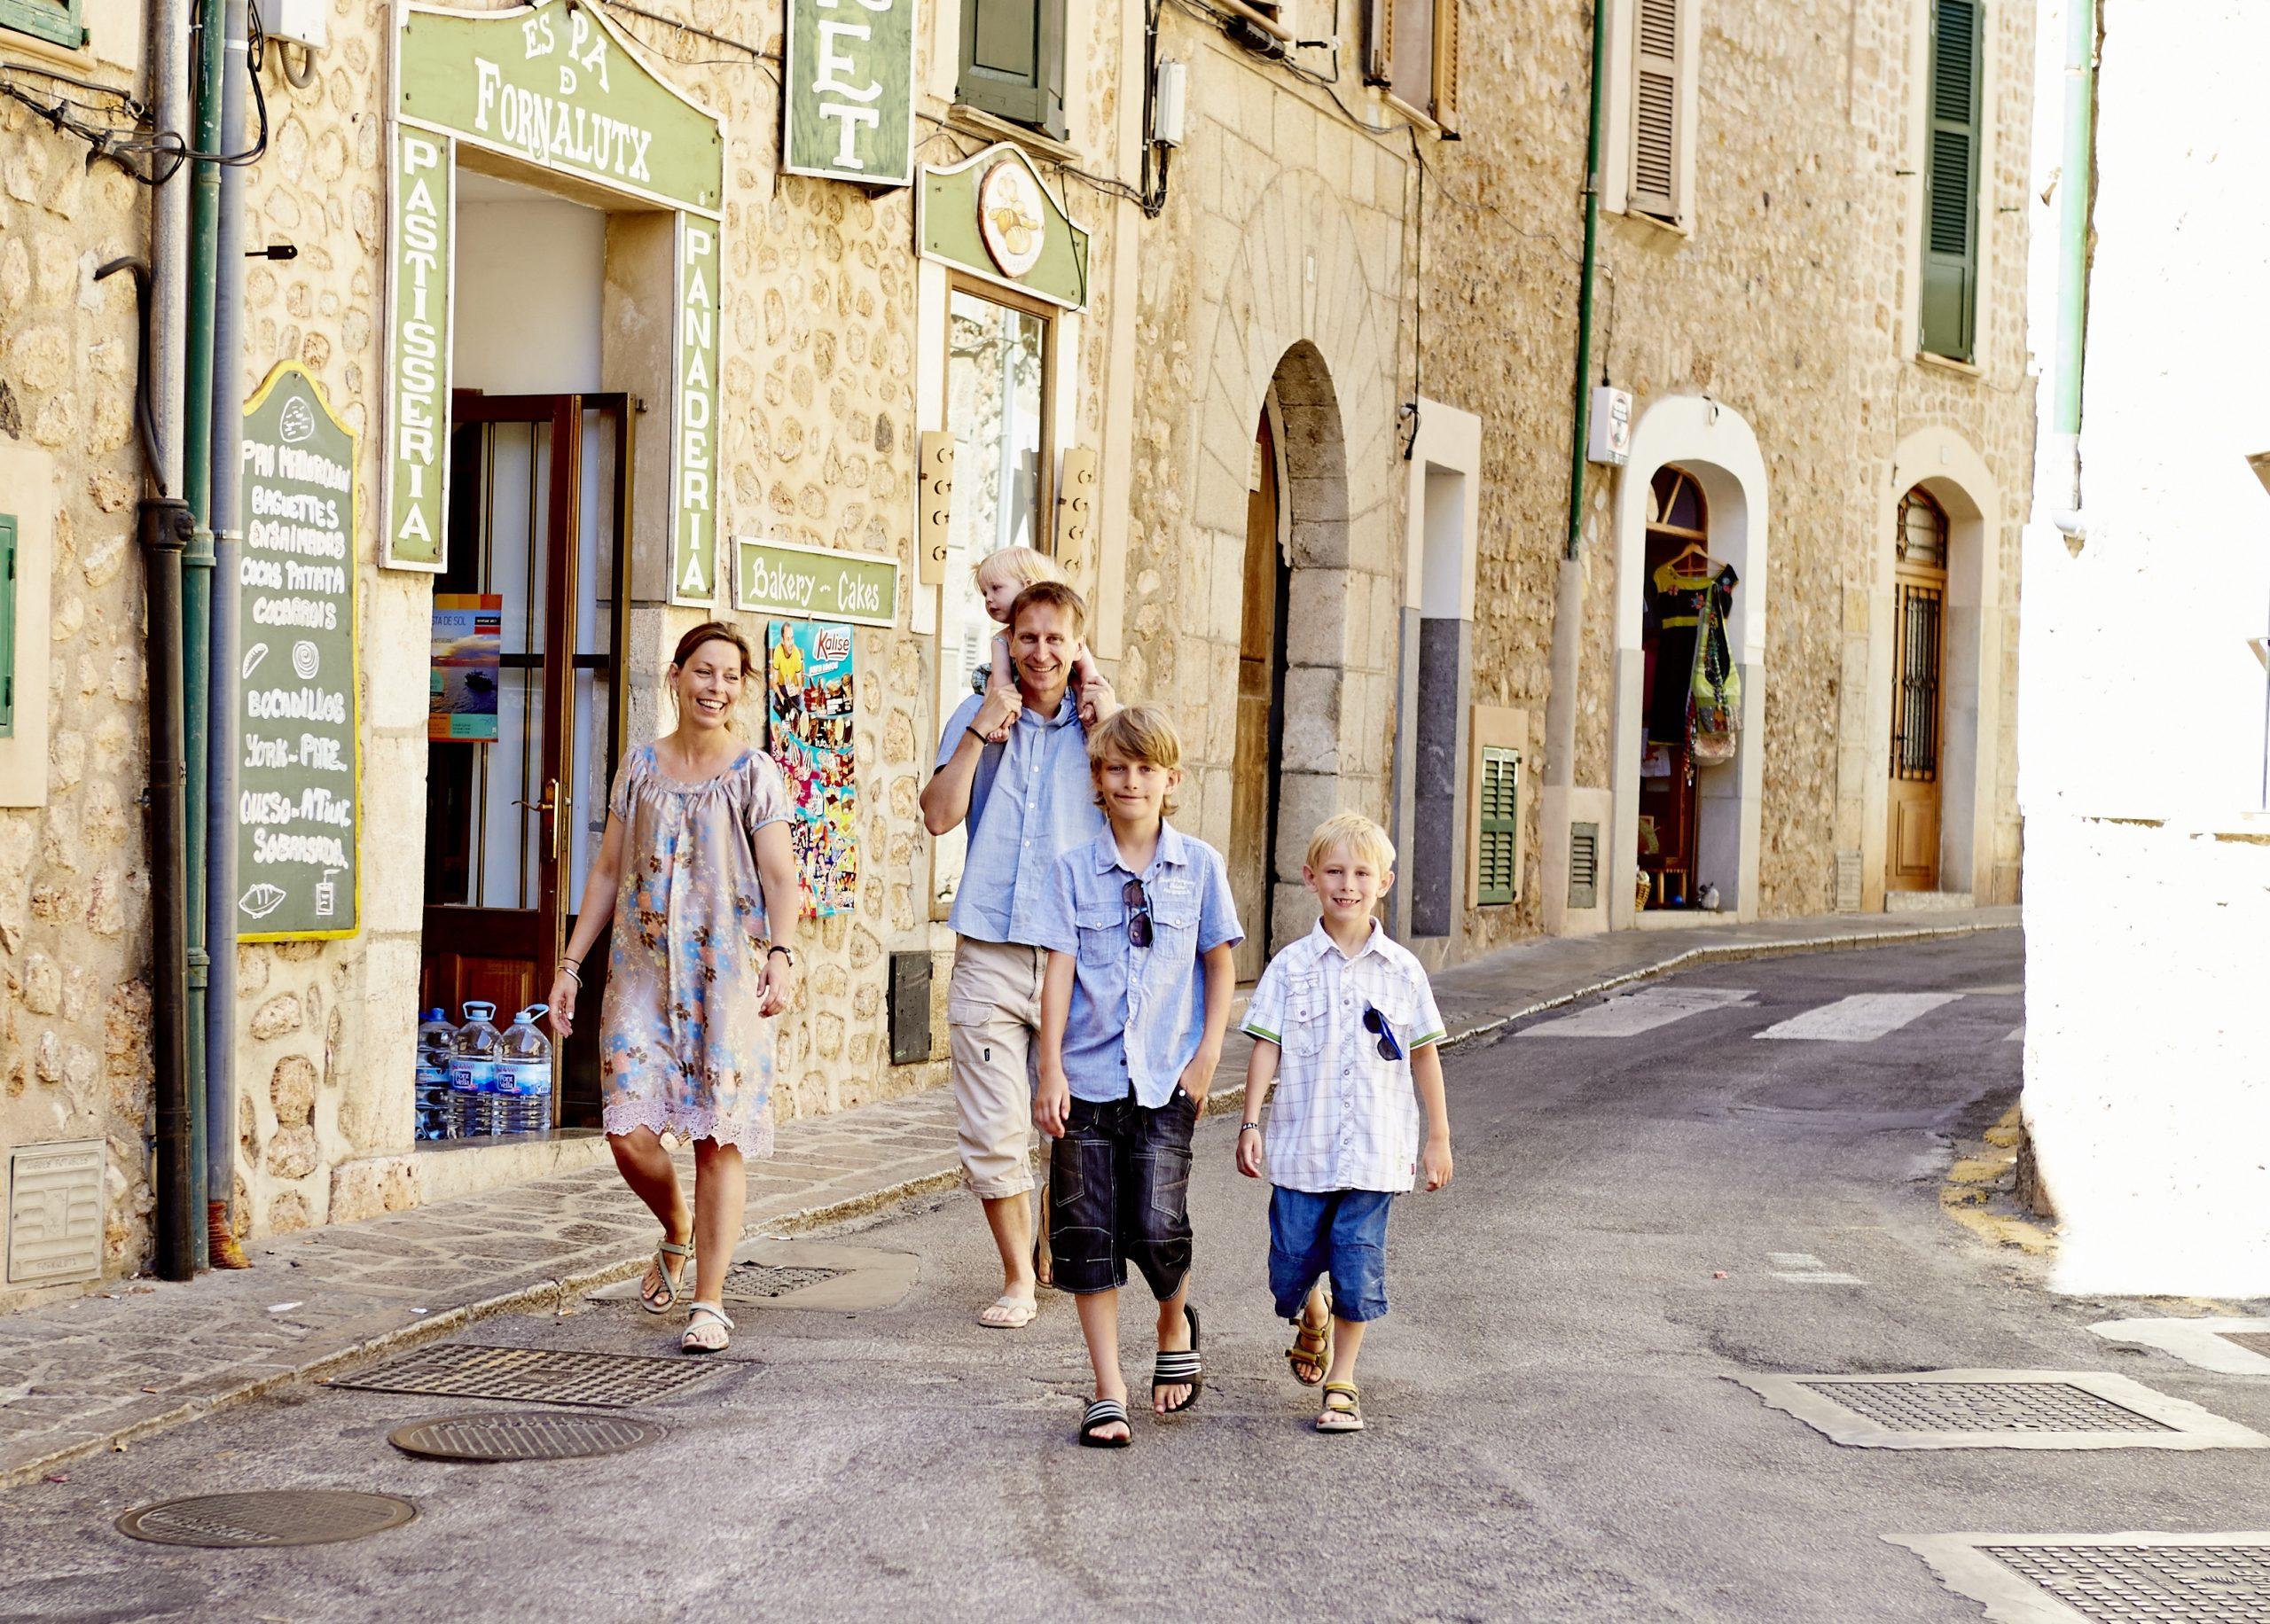 De fem største danske charterrejsebureauer begynder i juli at flyve til en række sydeuropæiske destinationer. Bravo Tours er først og har rejser fra fredag i næste uge, blandt destinationerne er Mallorca. Pressefoto: Bravo Tours.